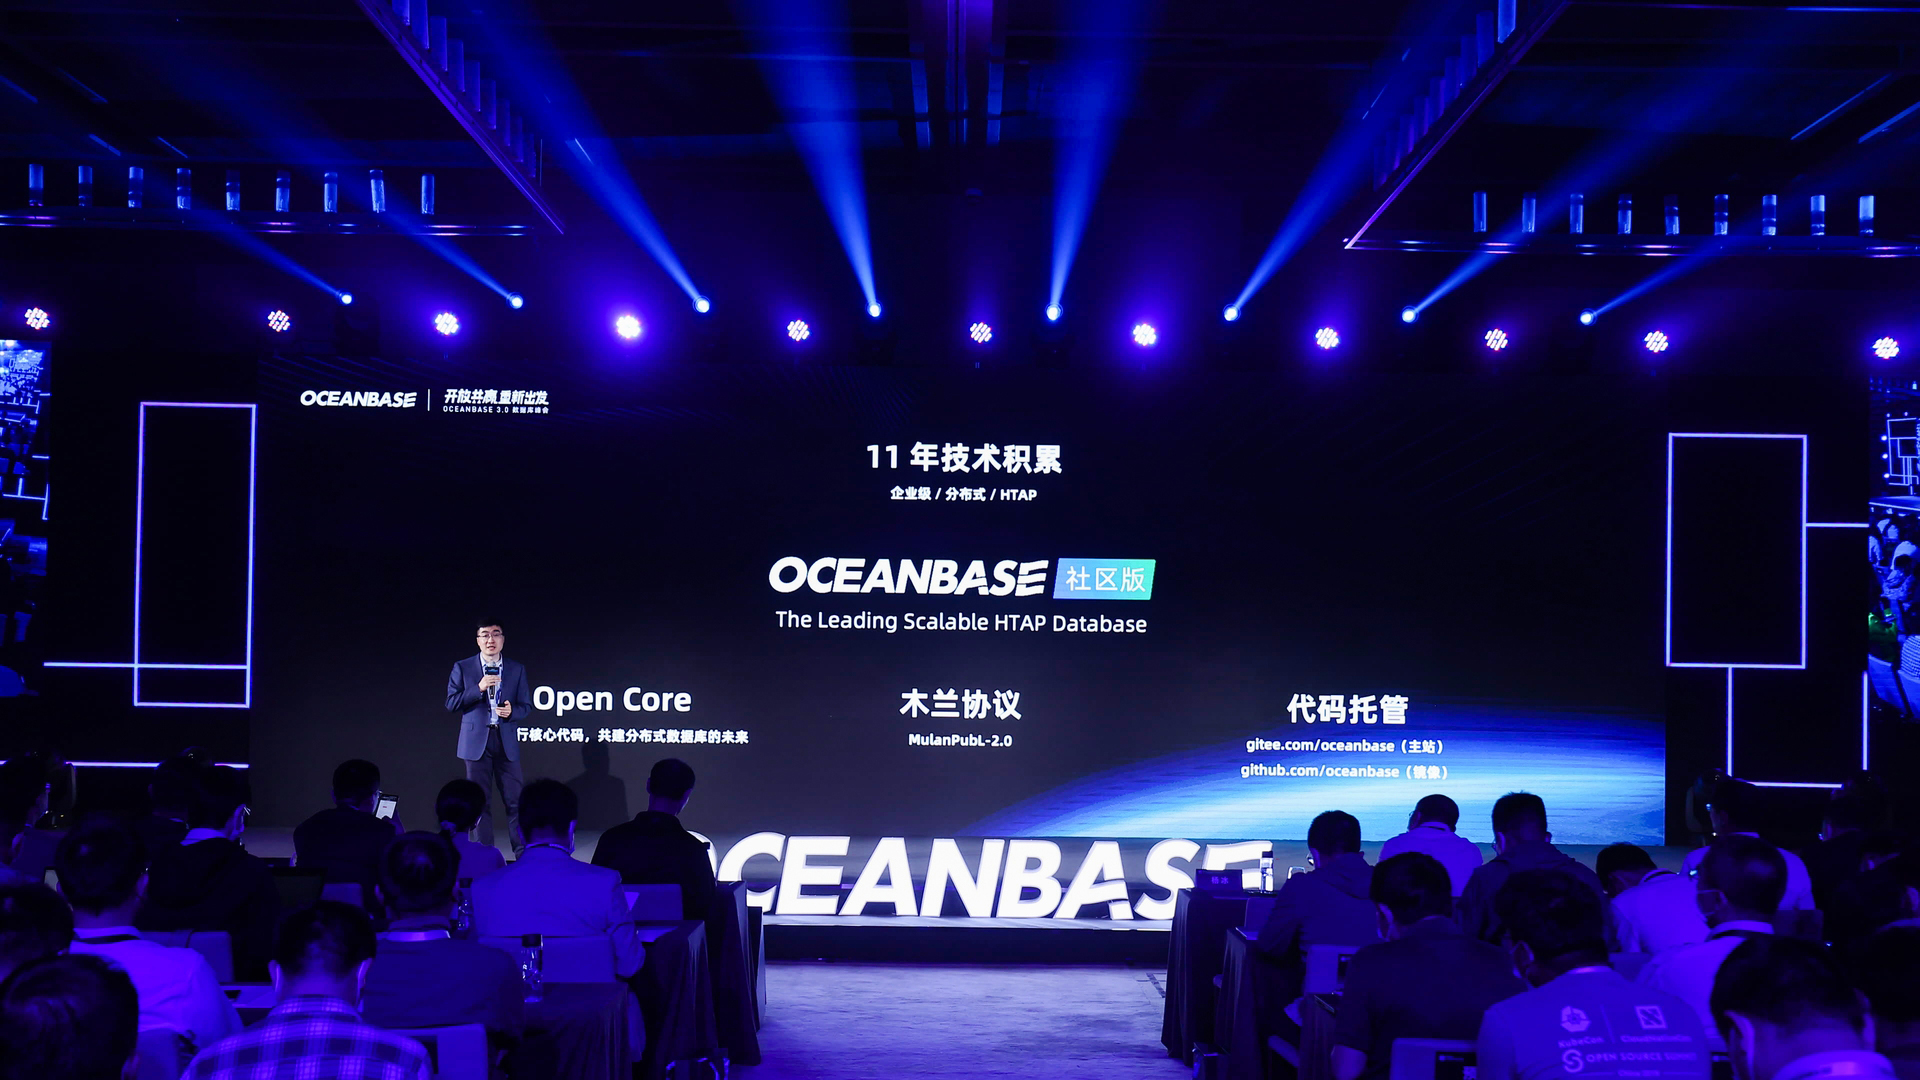 蚂蚁自研数据库OceanBase宣布正式开源.jpeg